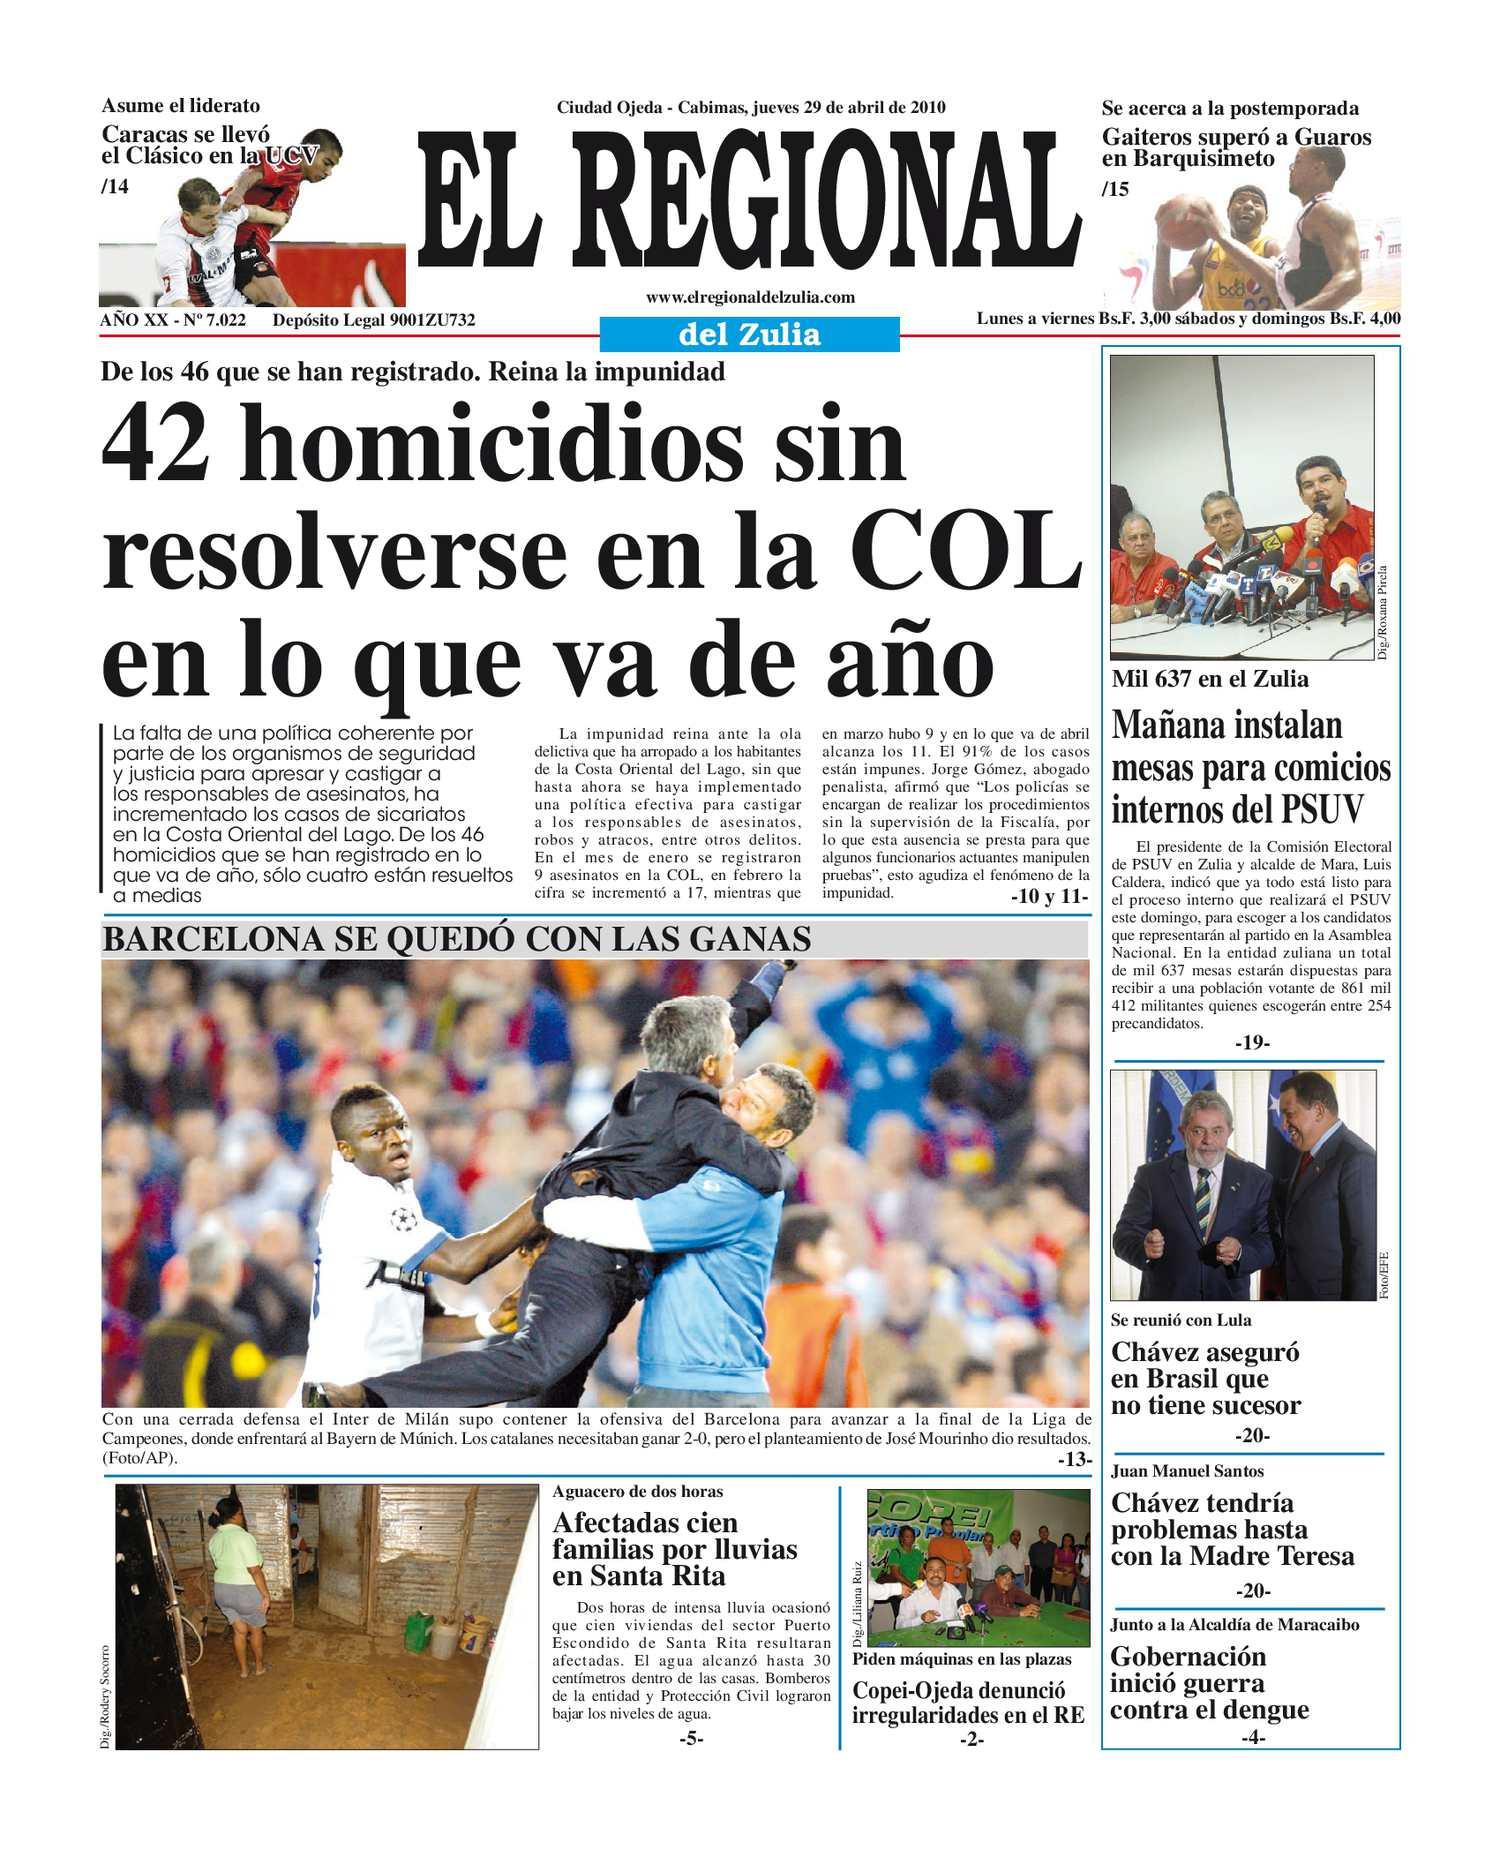 El Regional del Zulia 29-04-2010